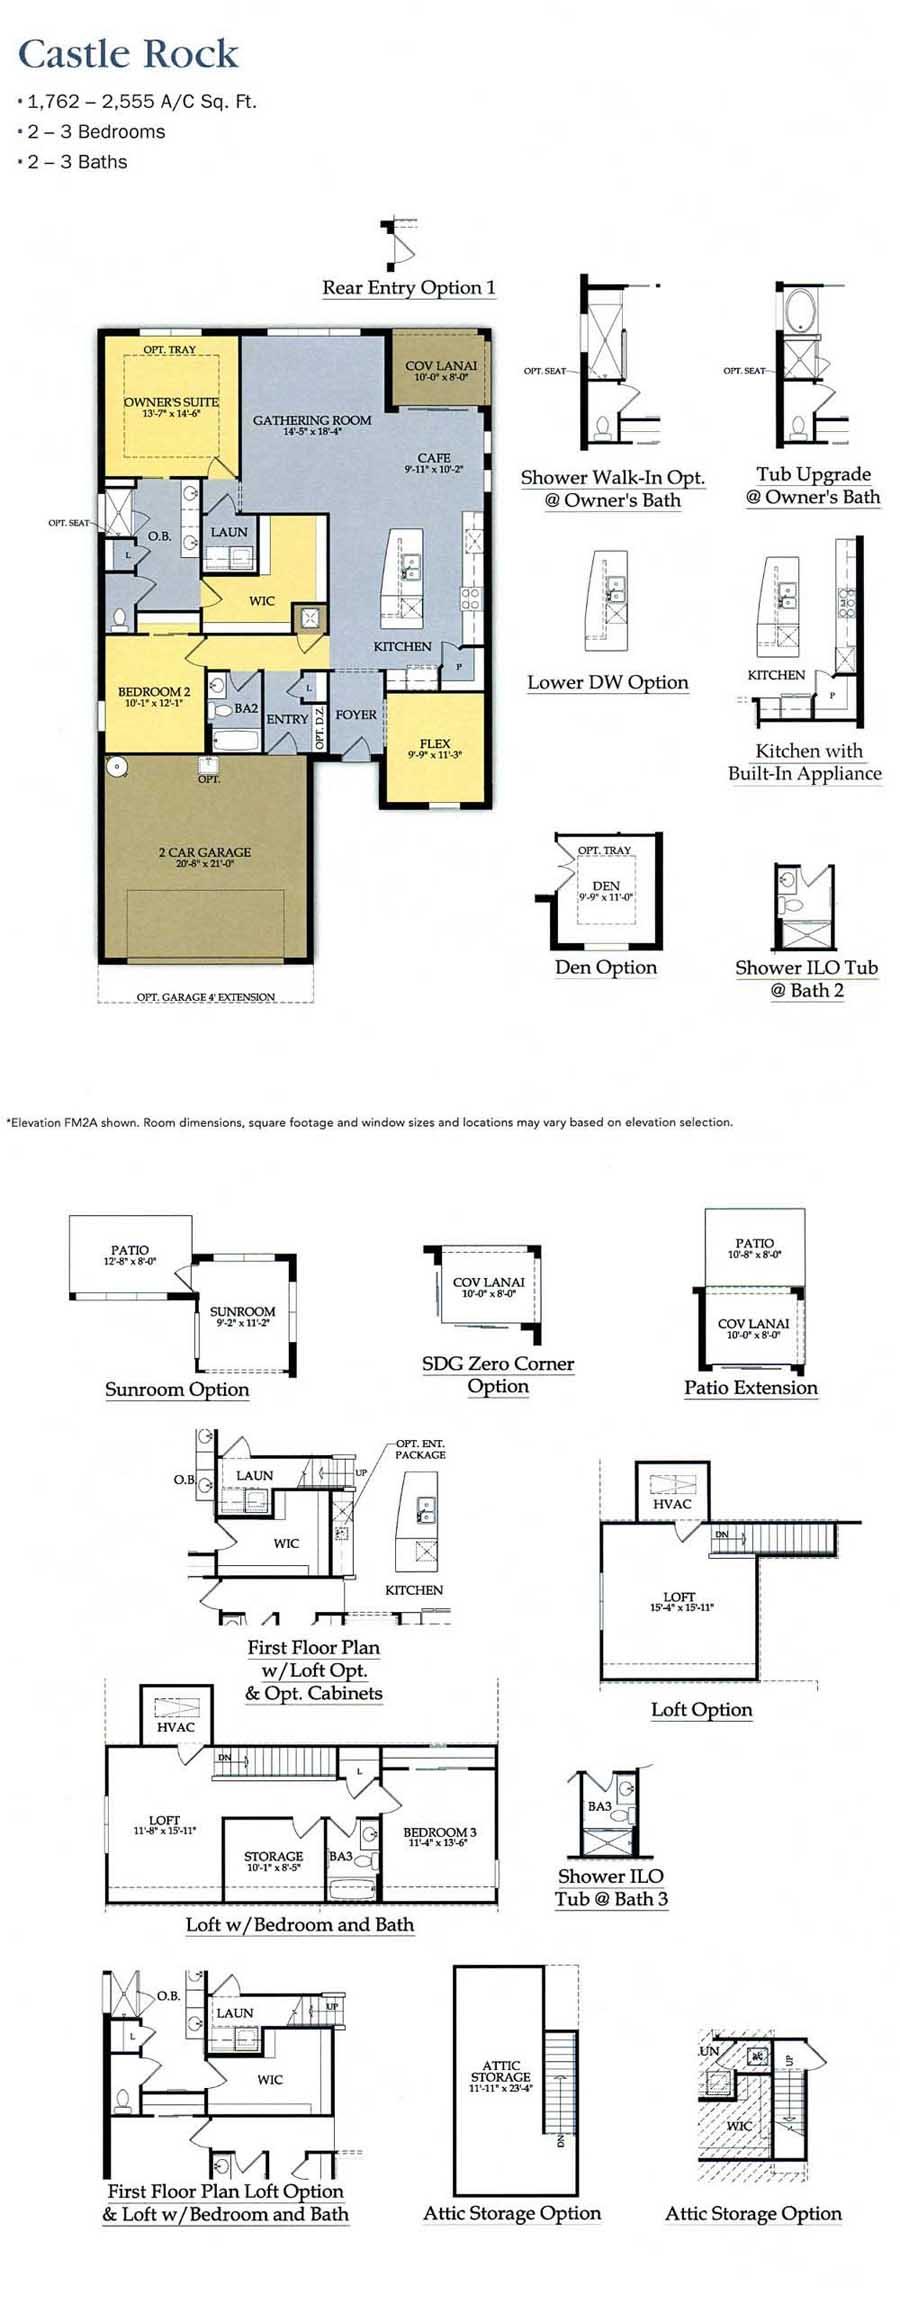 Corkscrew shores floor plans for Castle rock floor plans